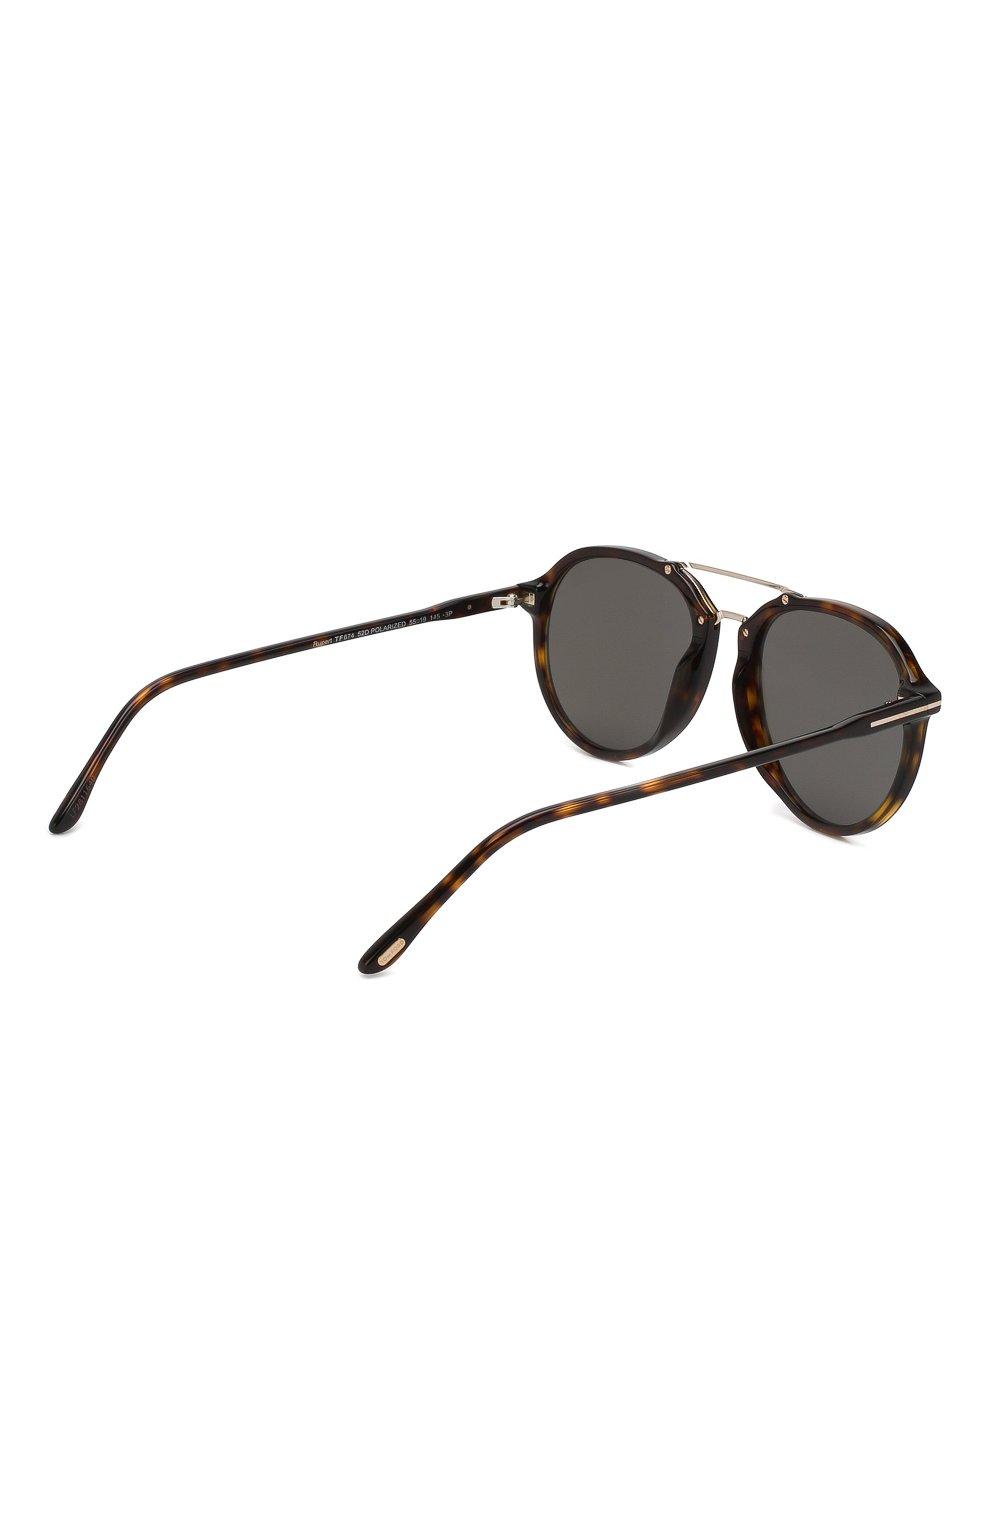 Женские солнцезащитные очки TOM FORD темно-коричневого цвета, арт. TF674 52D | Фото 3